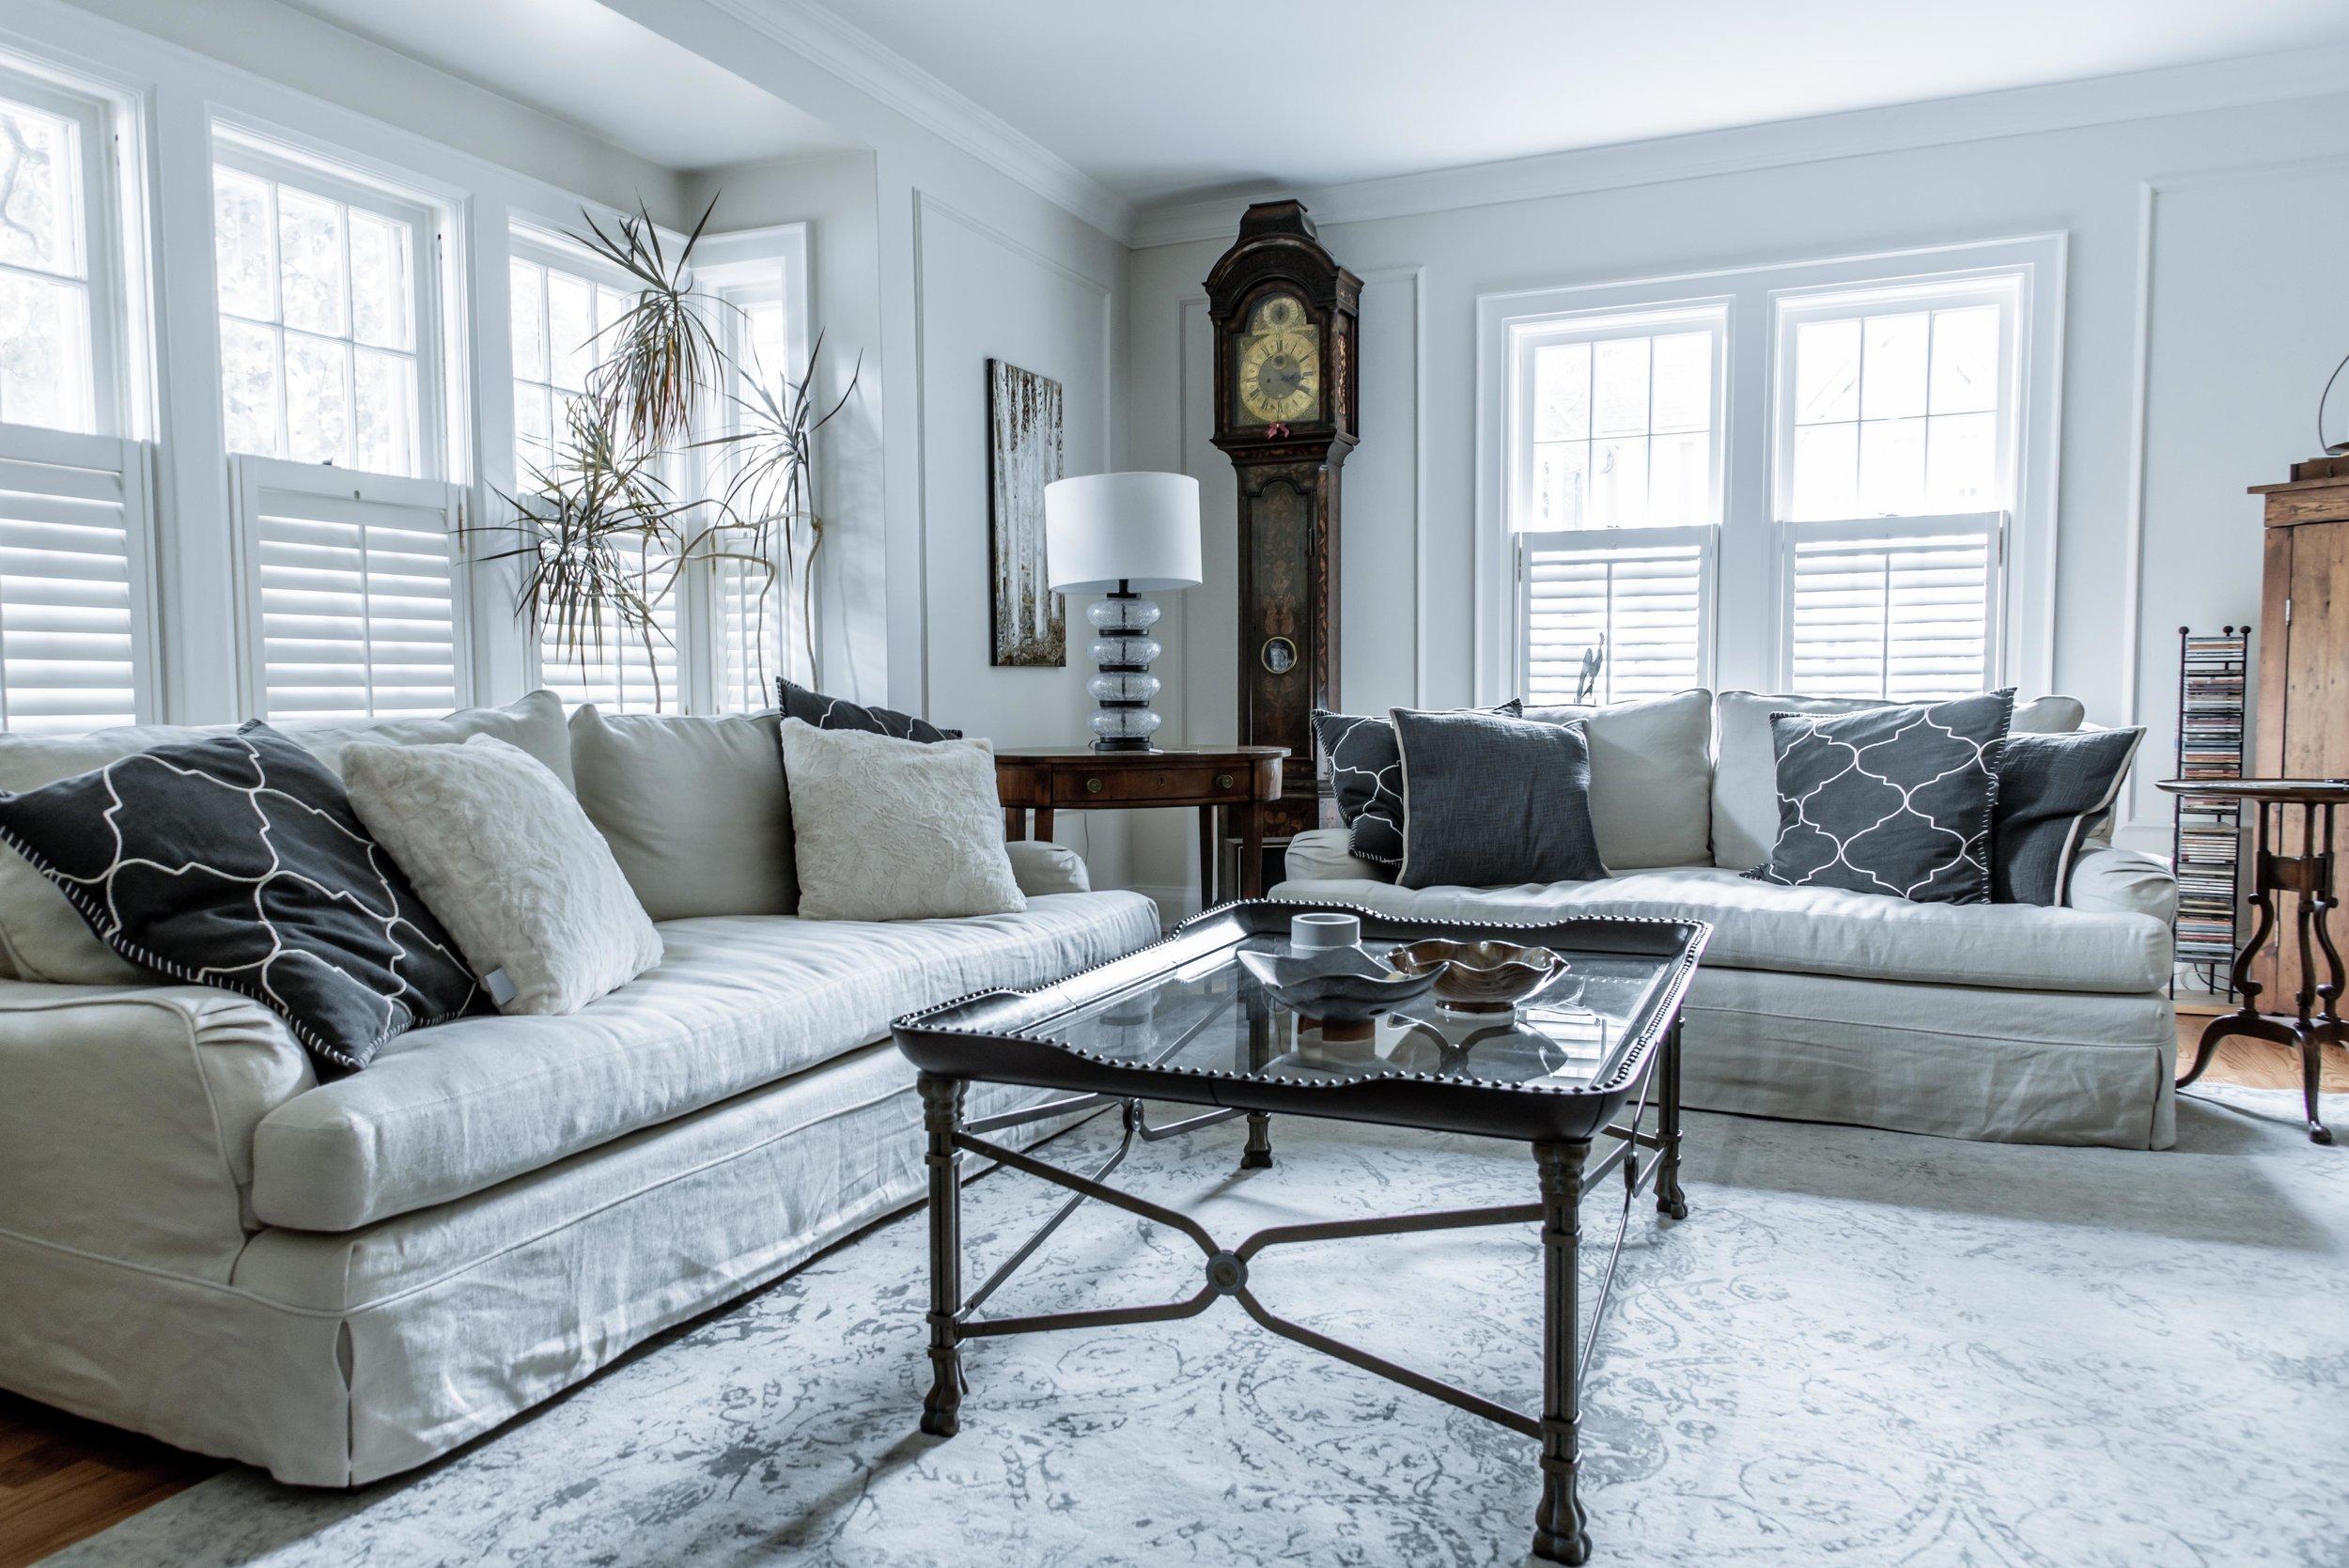 DSC_9147 - Livingroom Low.jpg